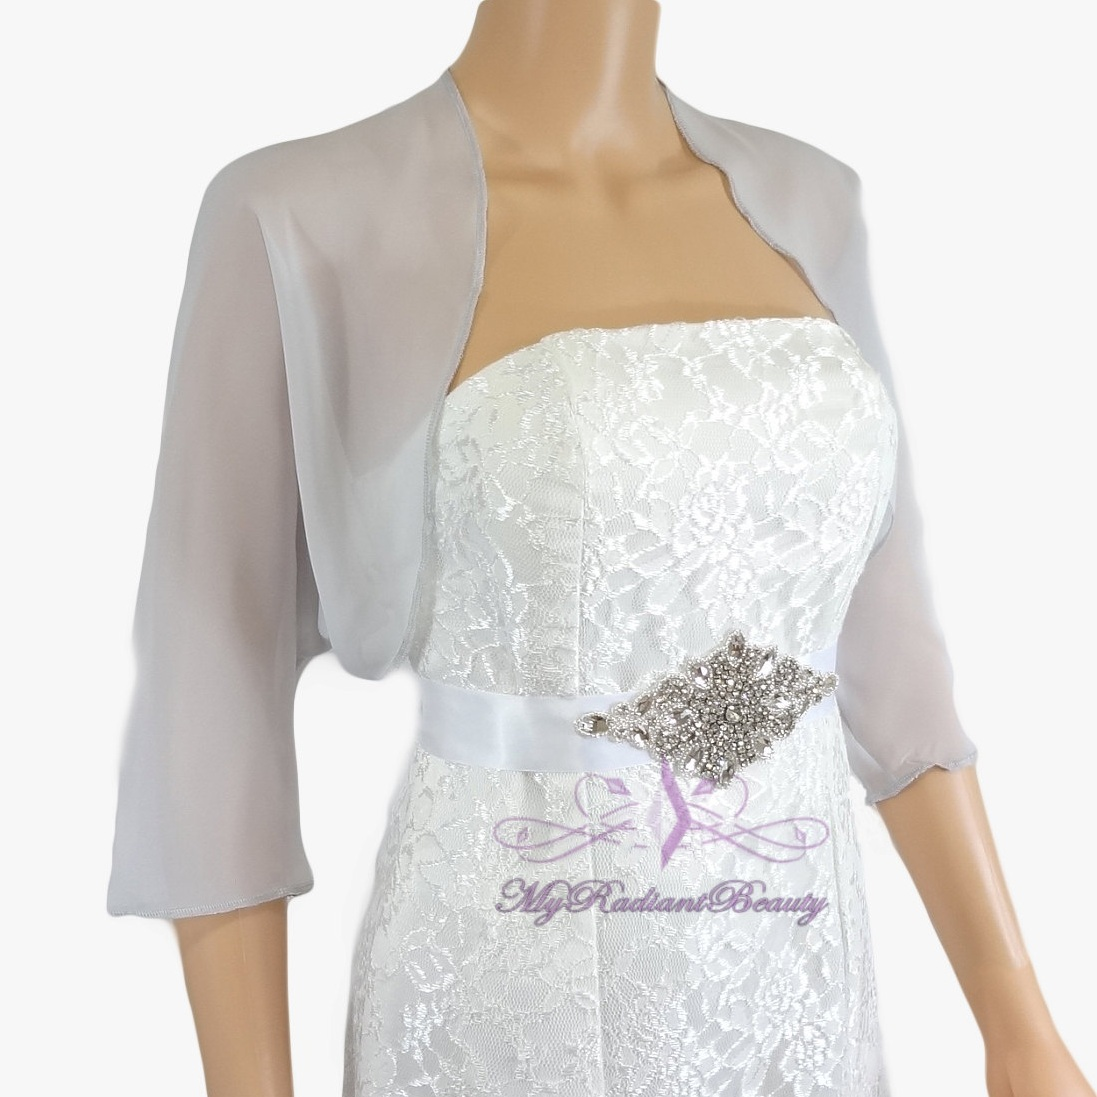 chiffon bolero jackets for evening dresses photo - 1